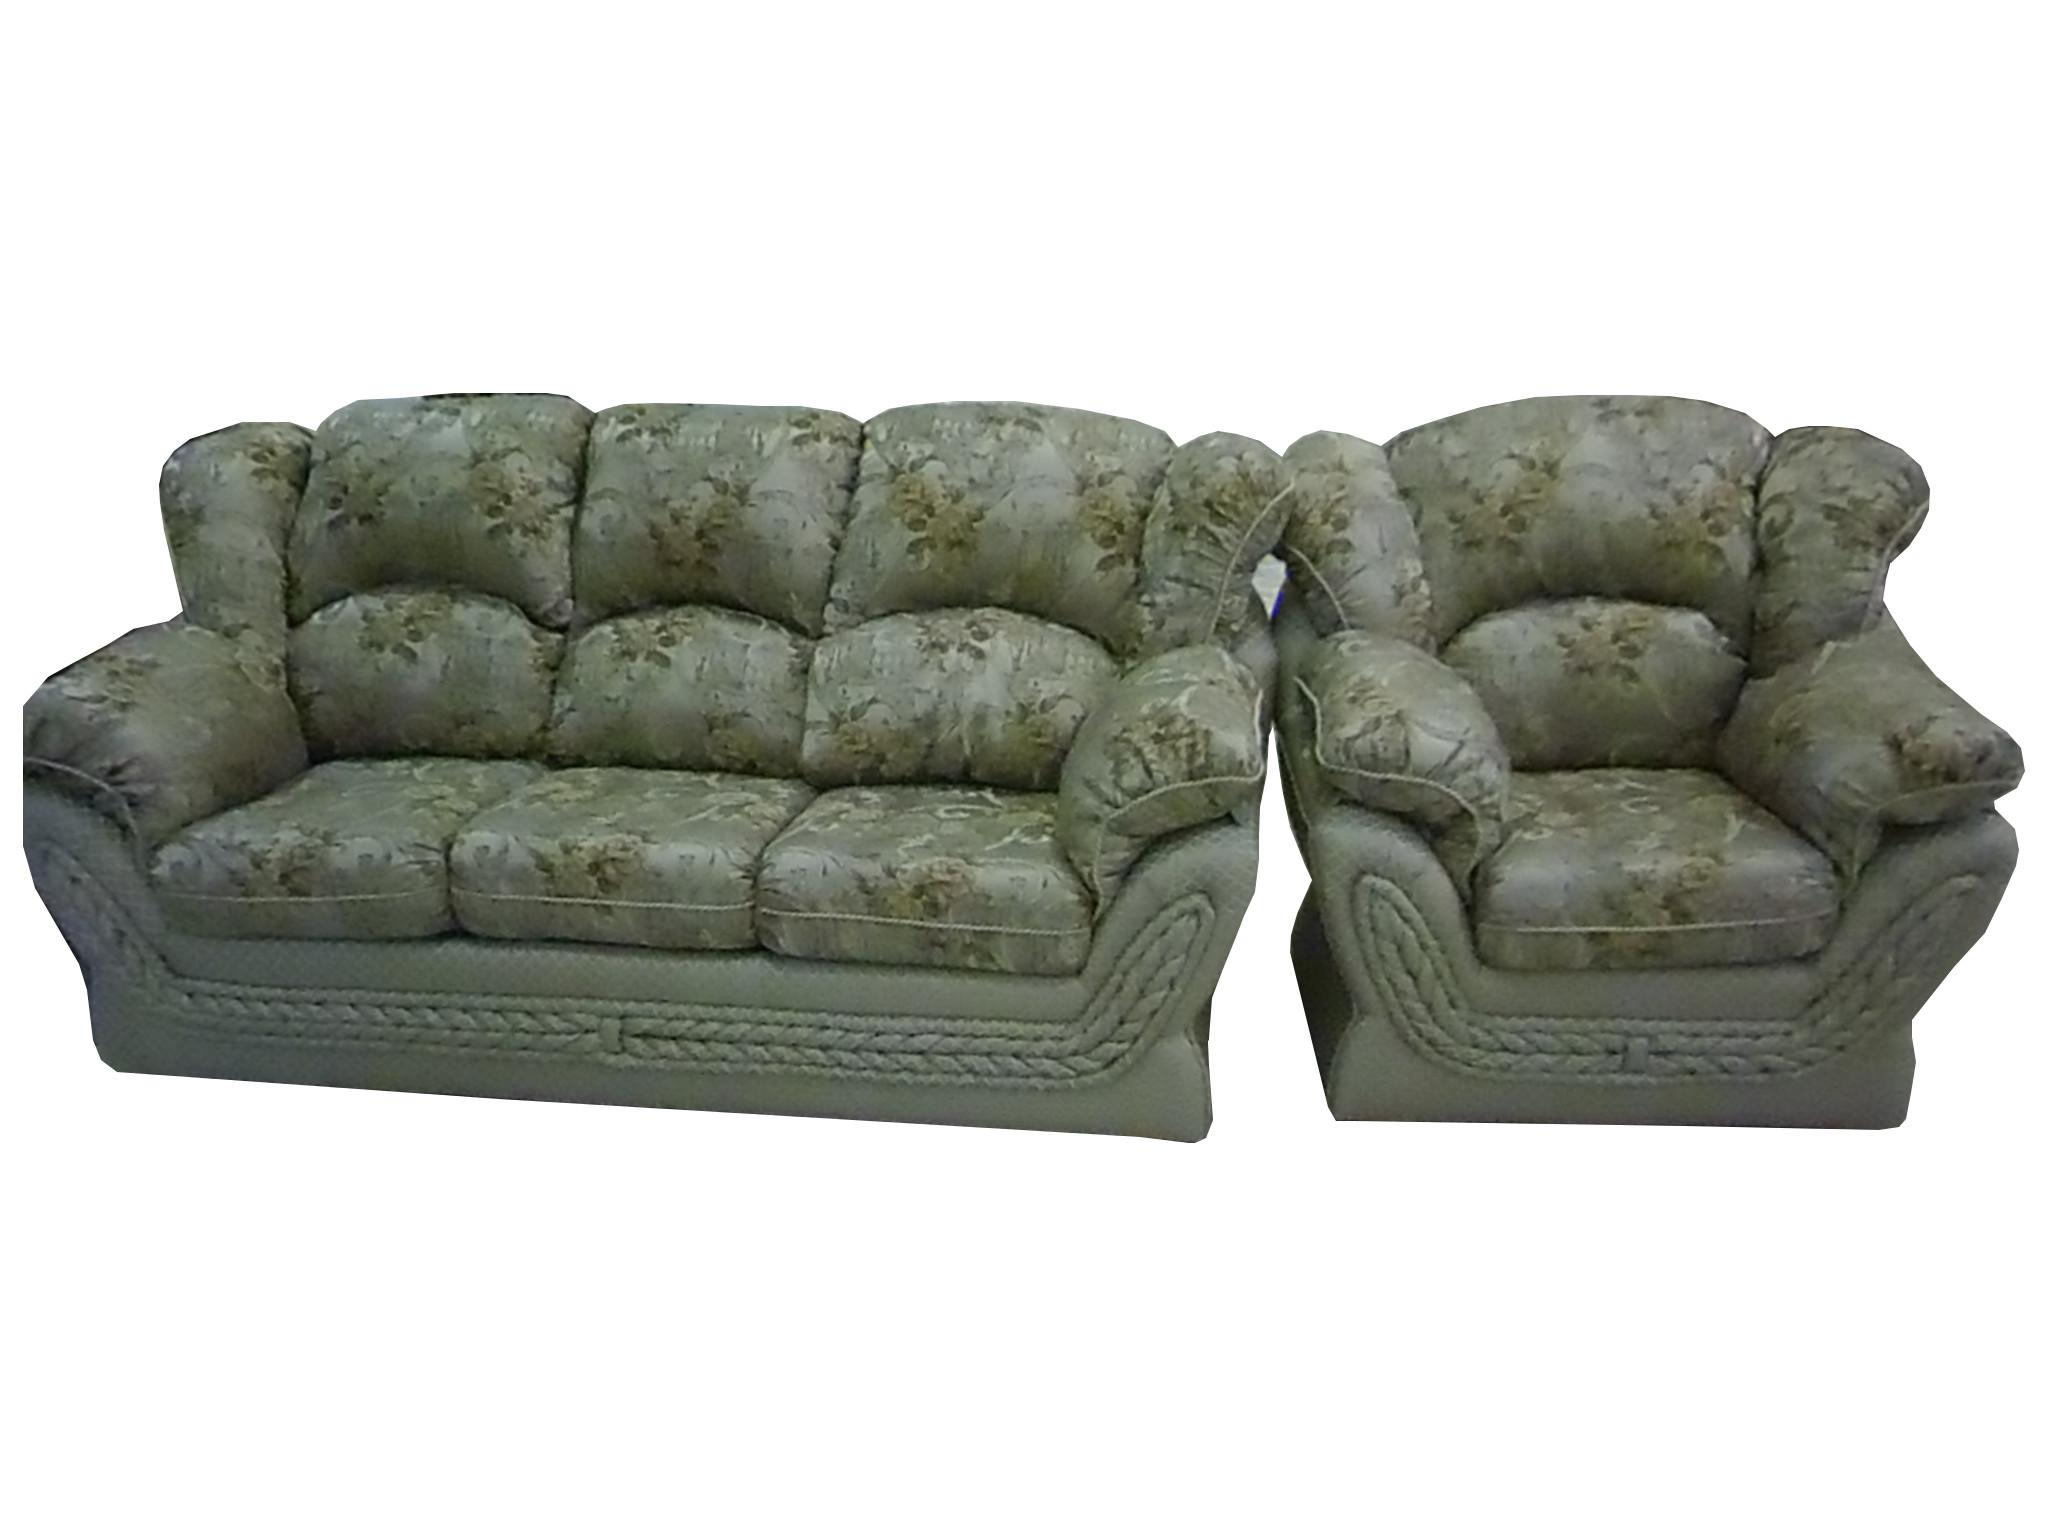 мебельная фабрика викант г санкт петербург набор мягкой мебели